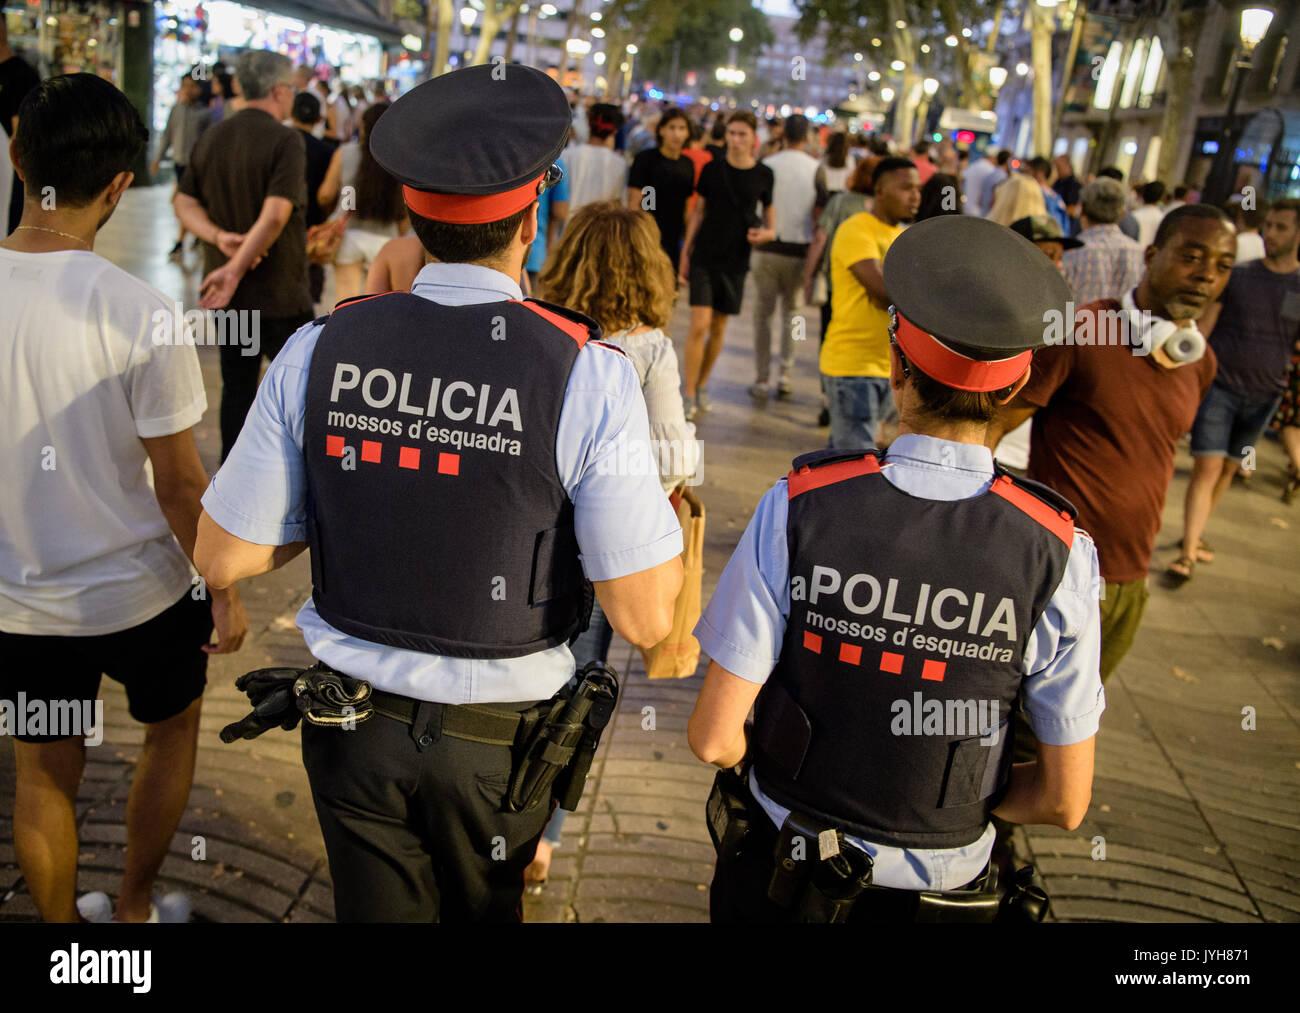 Barcelone, Espagne. Août 19, 2017. La patrouille de police Las Ramblas à Barcelone, Espagne, le 19 août 2017. Plusieurs Banque D'Images